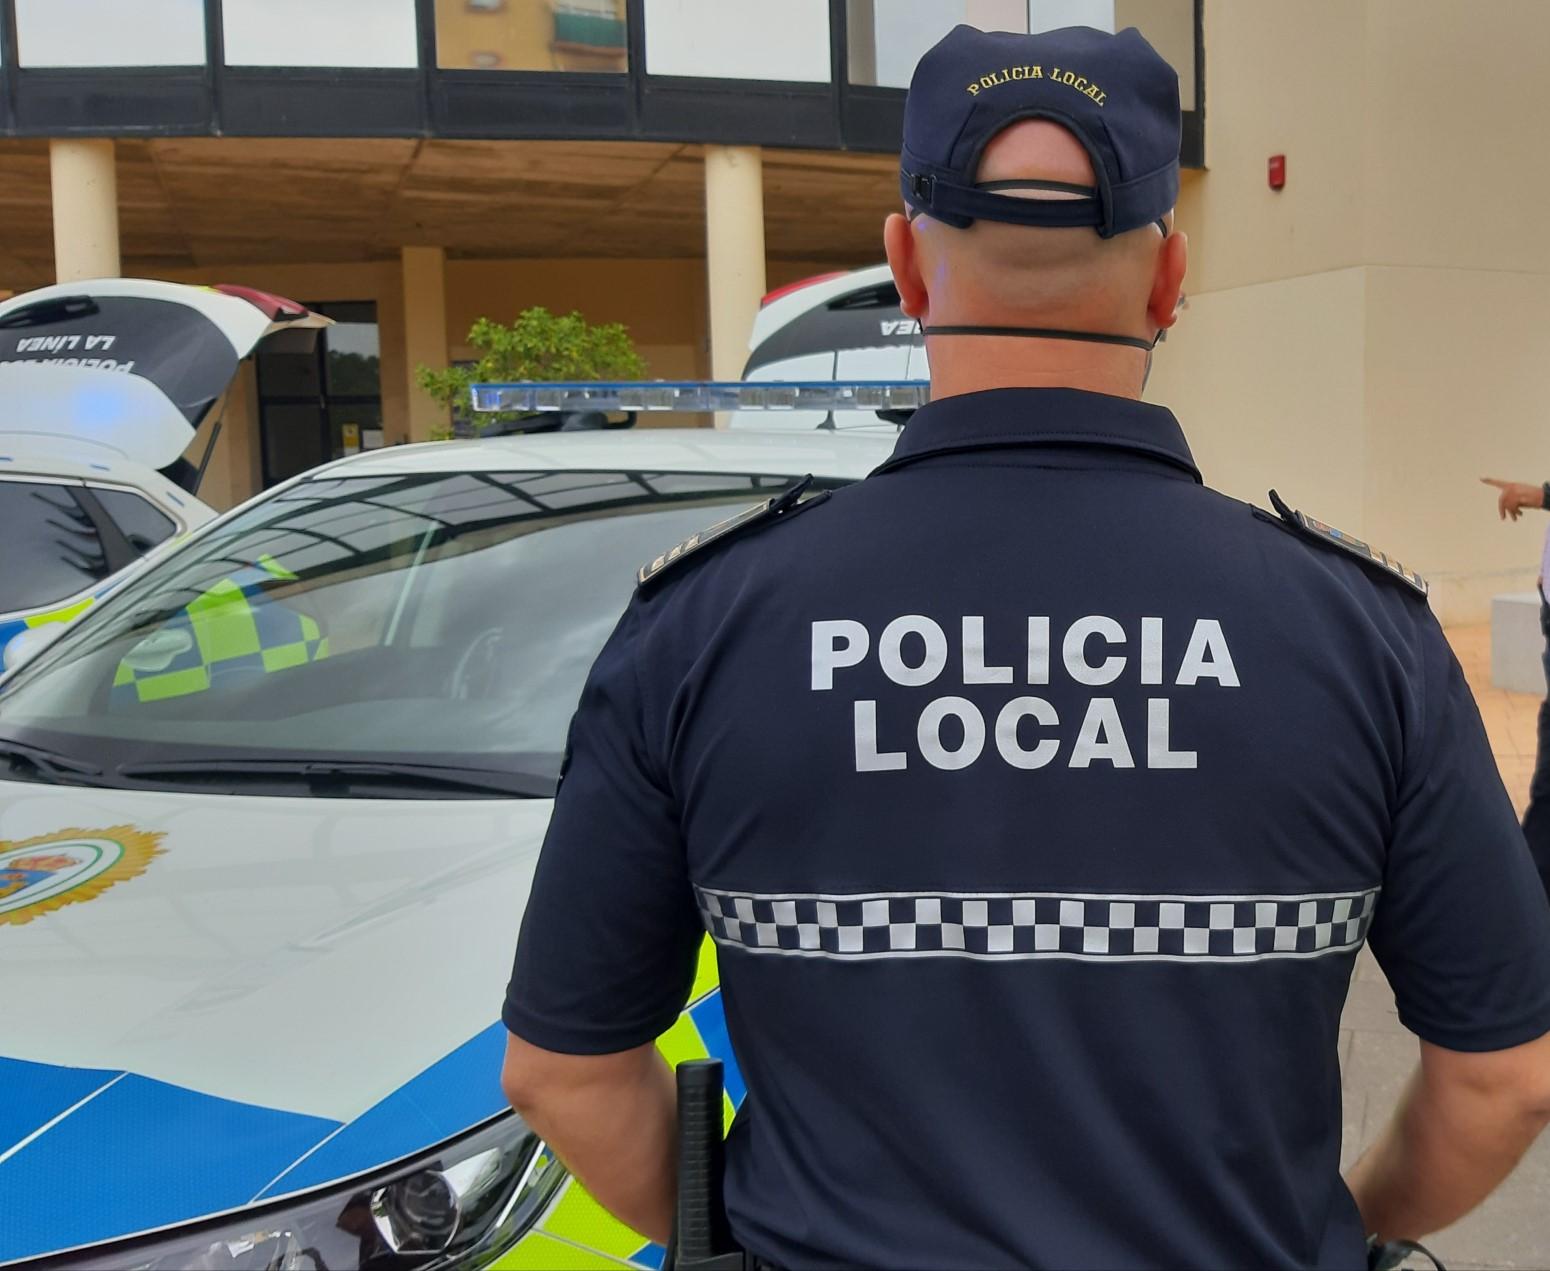 Policia local agente